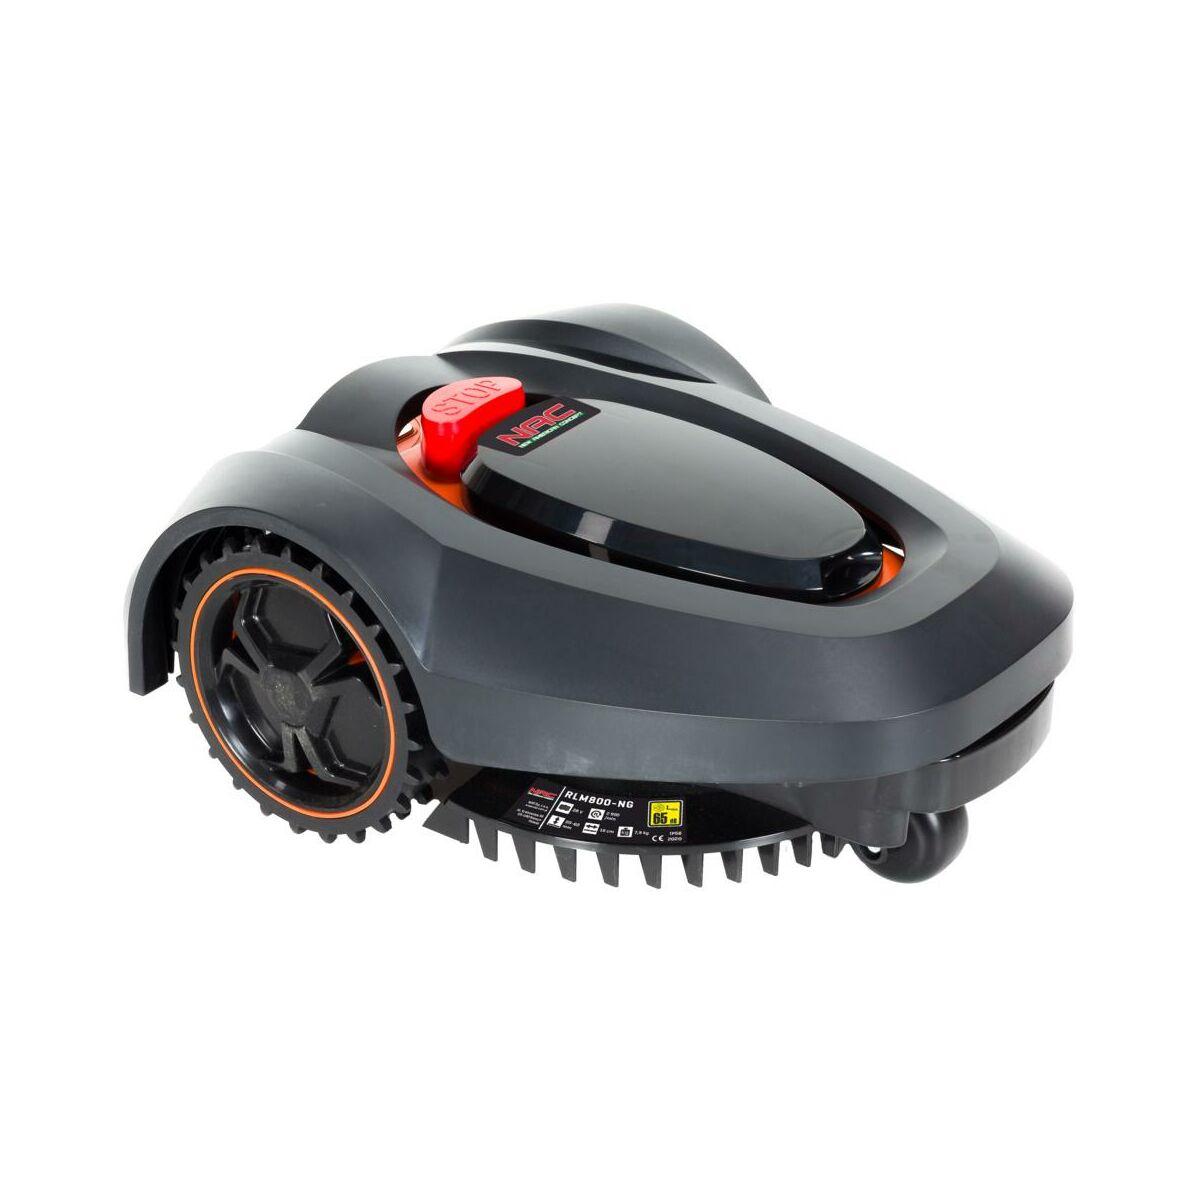 Robot Koszacy Nac Rlm800 Ng Roboty Koszace W Atrakcyjnej Cenie W Sklepach Leroy Merlin